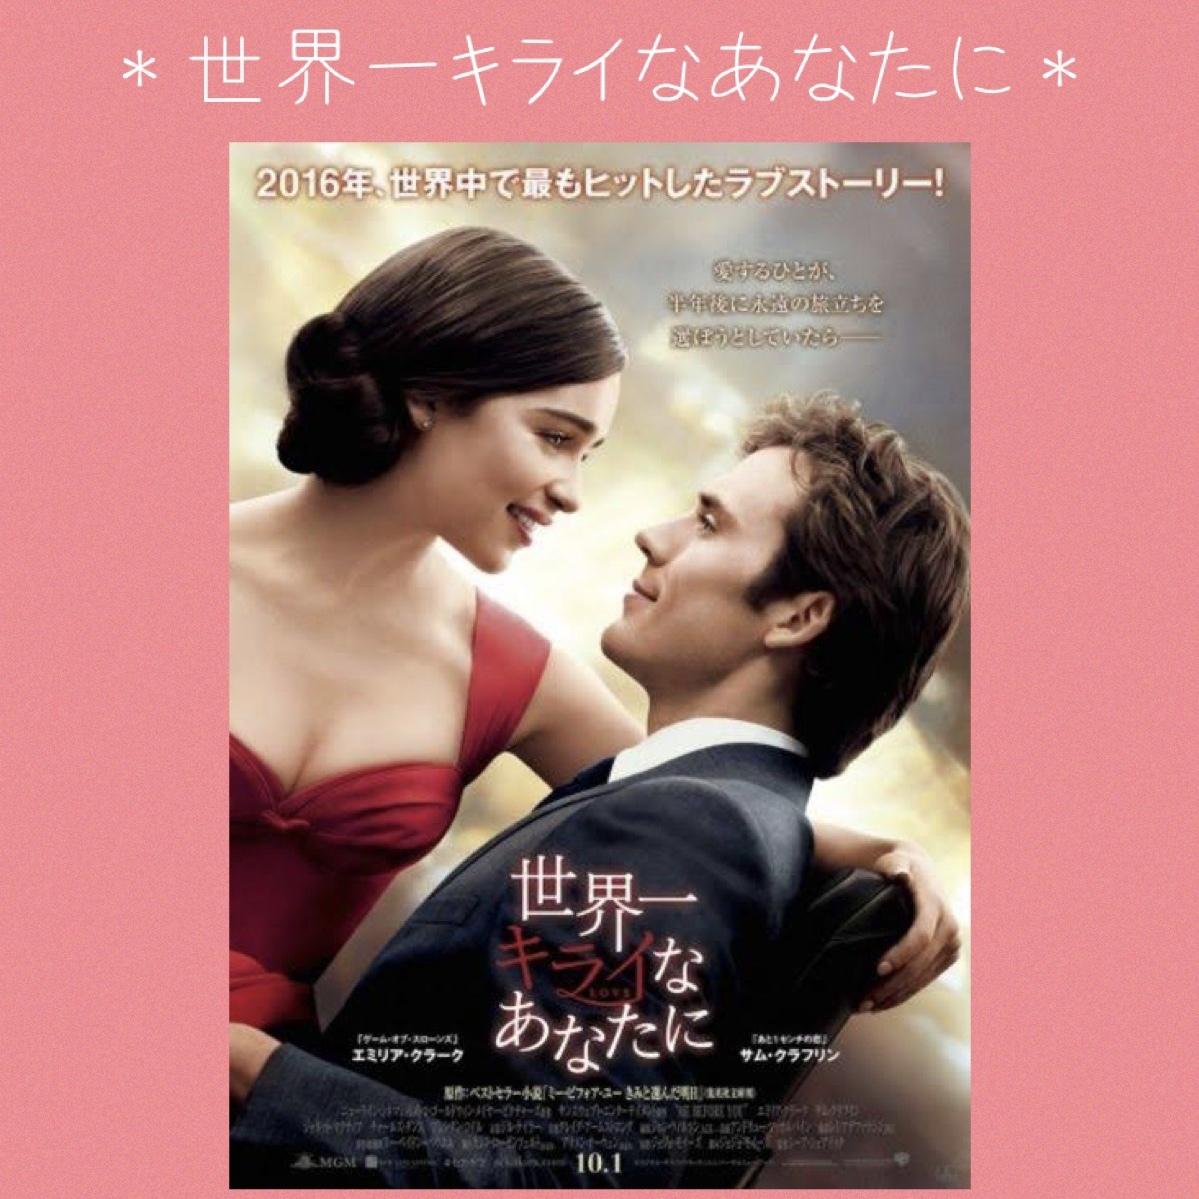 【映画】映画好きが超おすすめする恋愛映画!!_1_8